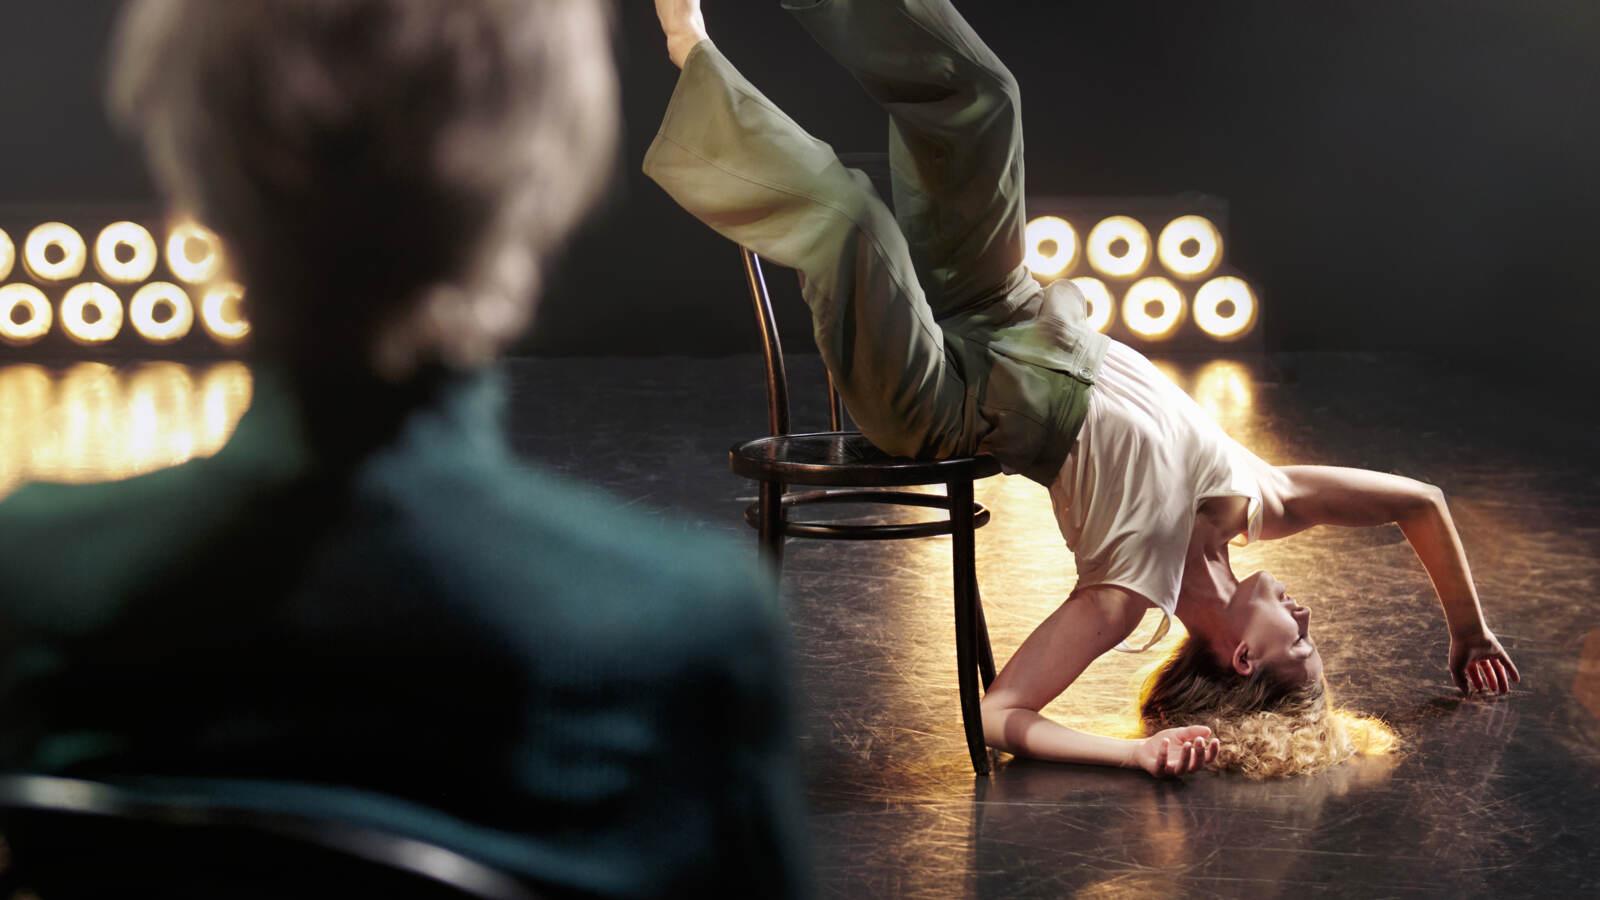 En dansare lutar sig mot en stol upp-och-ner vänt med huvud mot golvet, i rampljus under en åskådare tittar på.